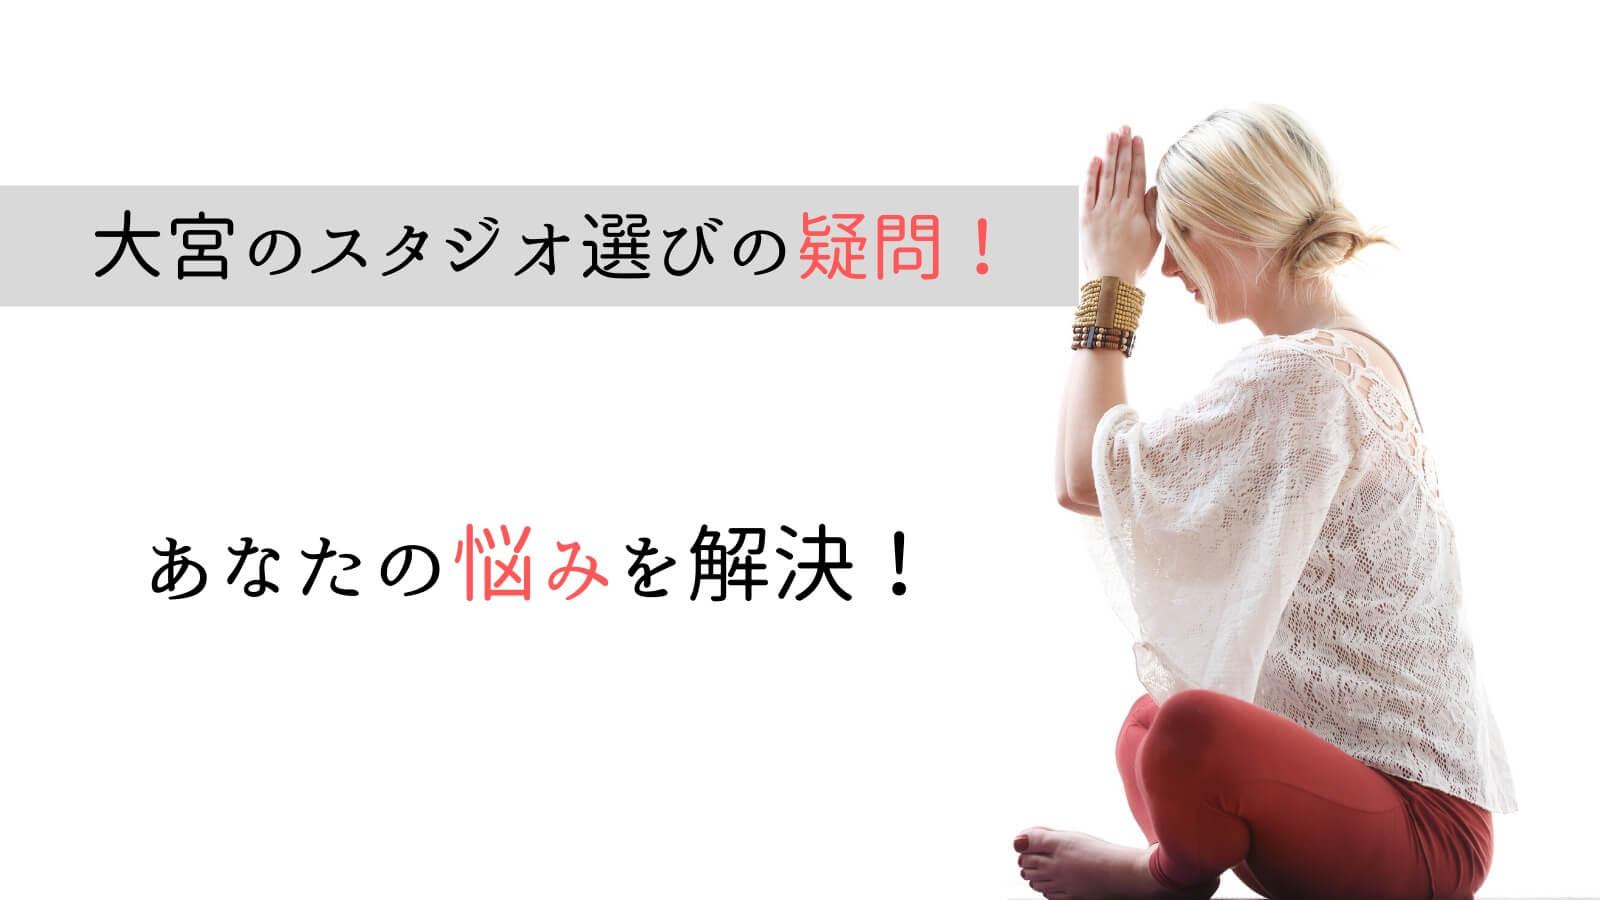 大宮でのヨガ・ホットヨガスタジオ選びに関するQ&A